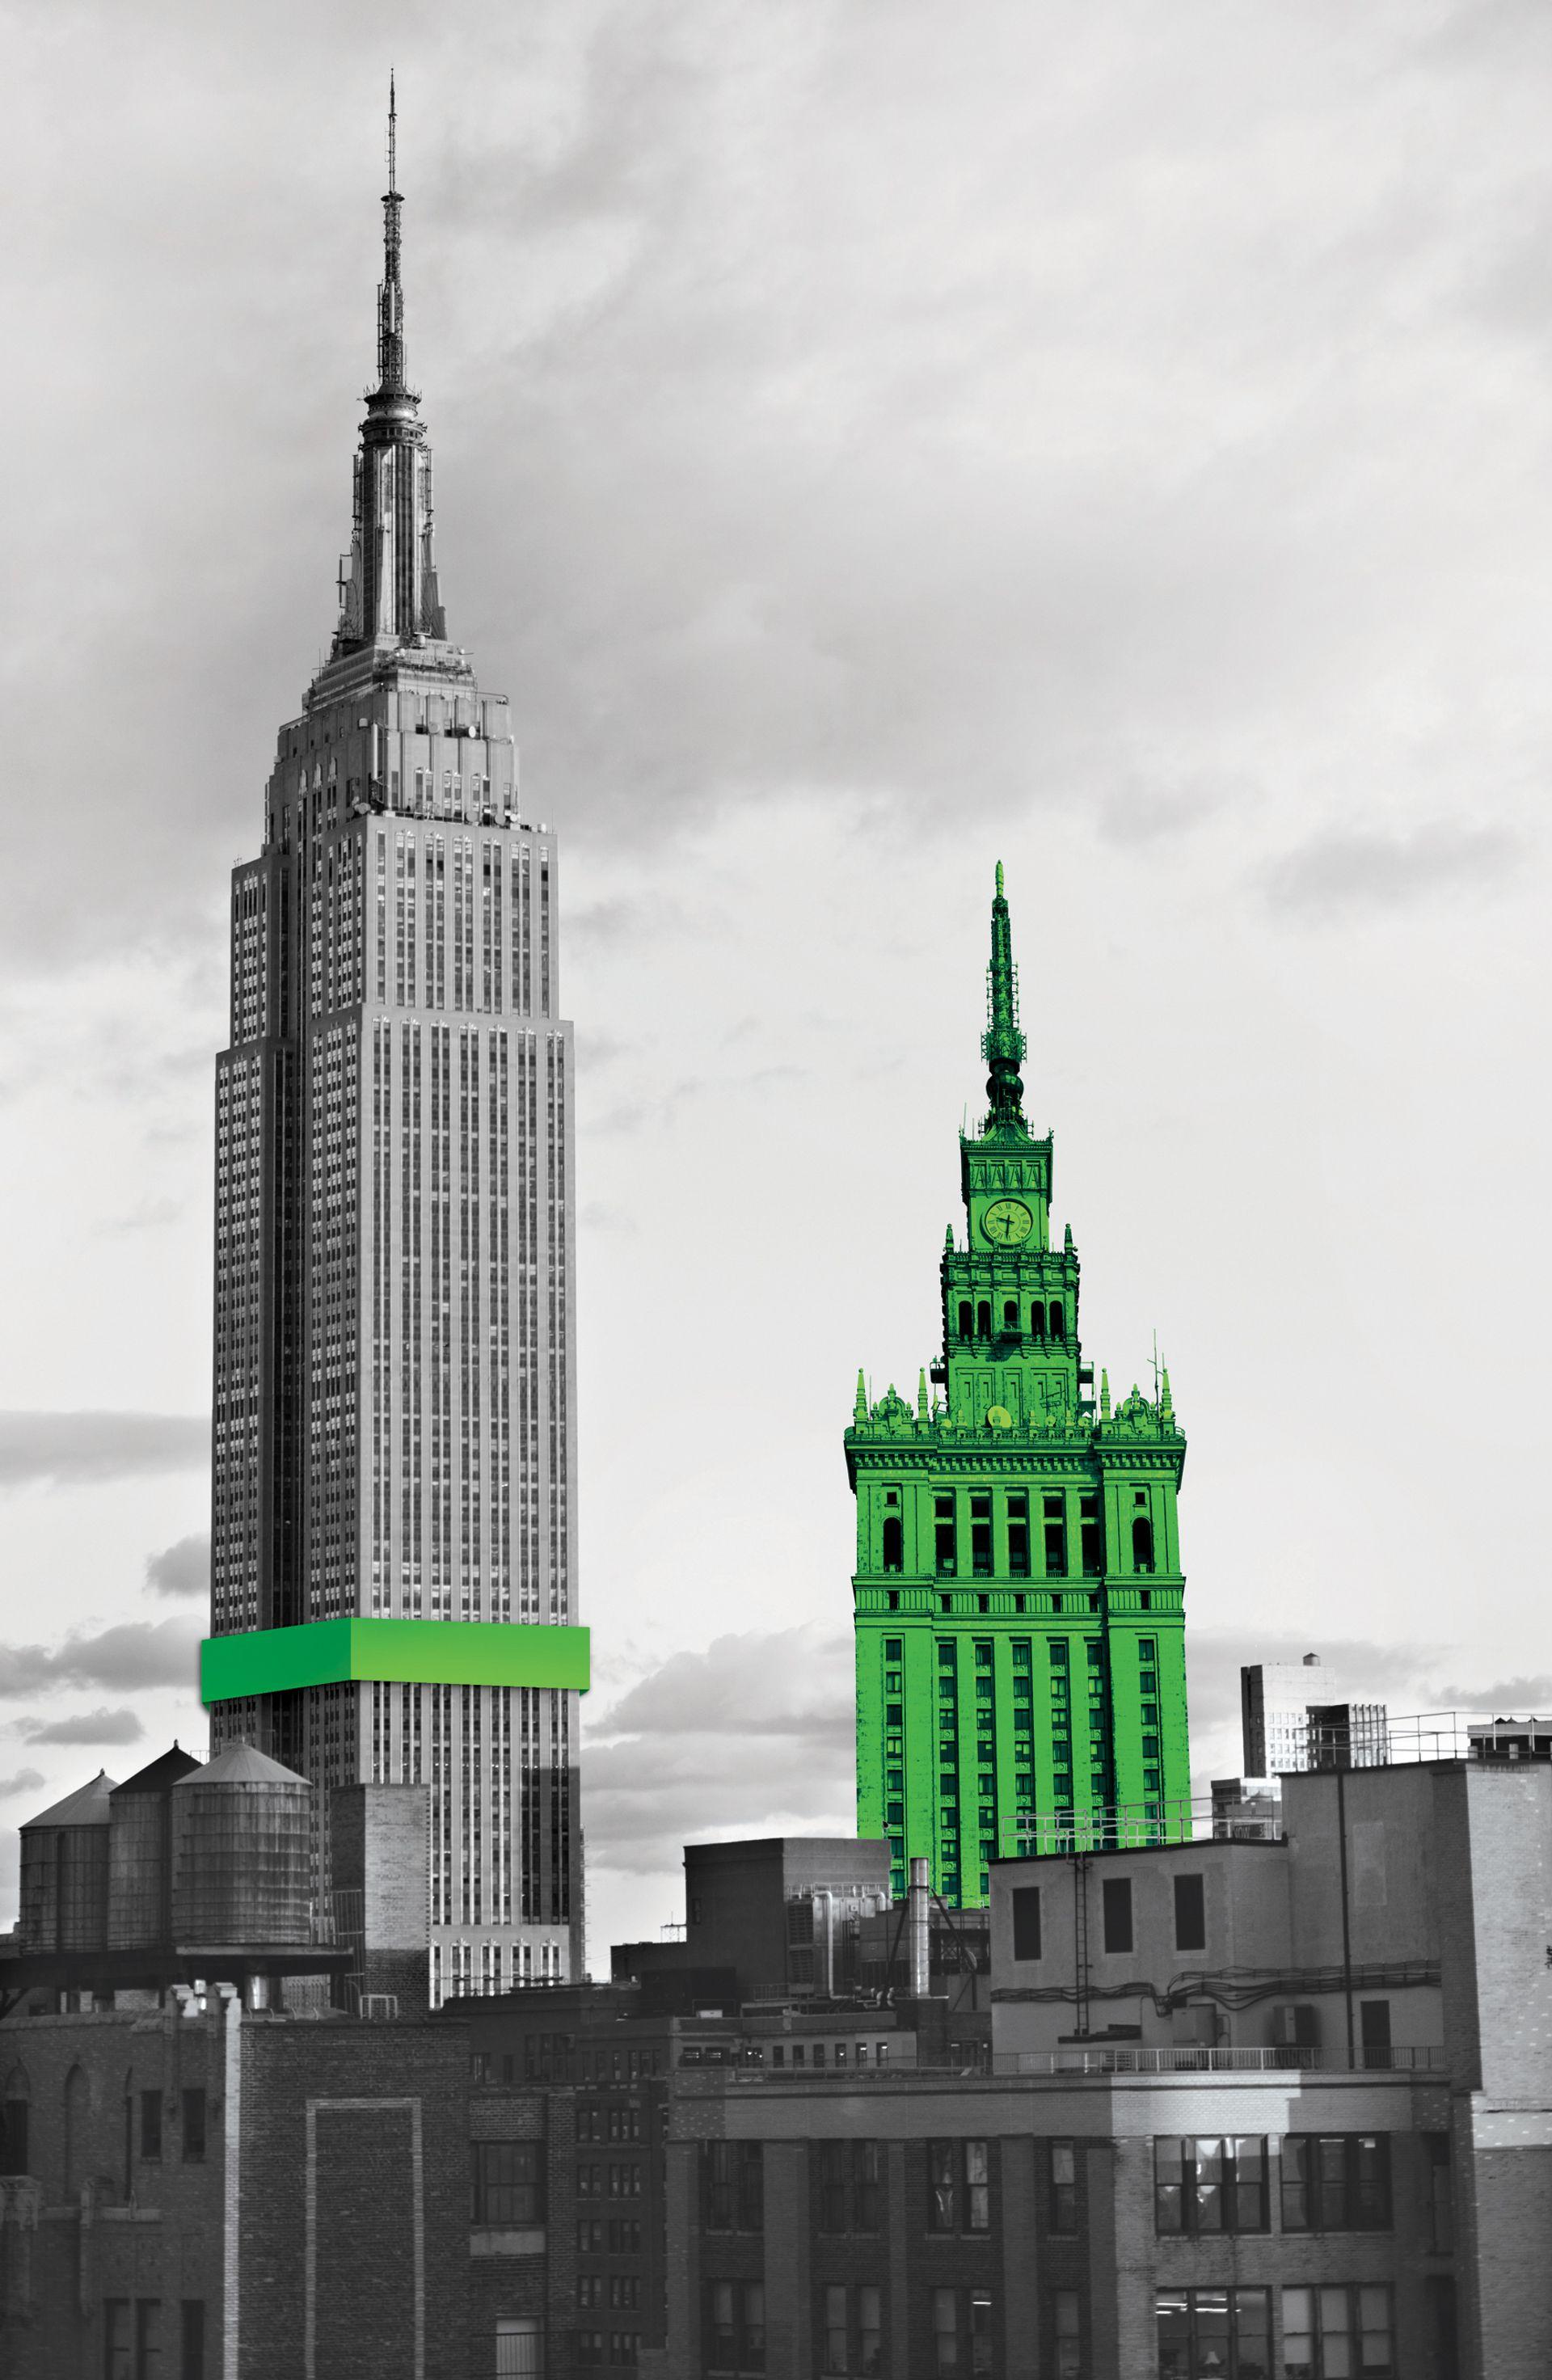 [Warszawa] Czy Pałac Kultury i Nauki w Warszawie mógłby mieć certyfikat środowiskowy LEED?